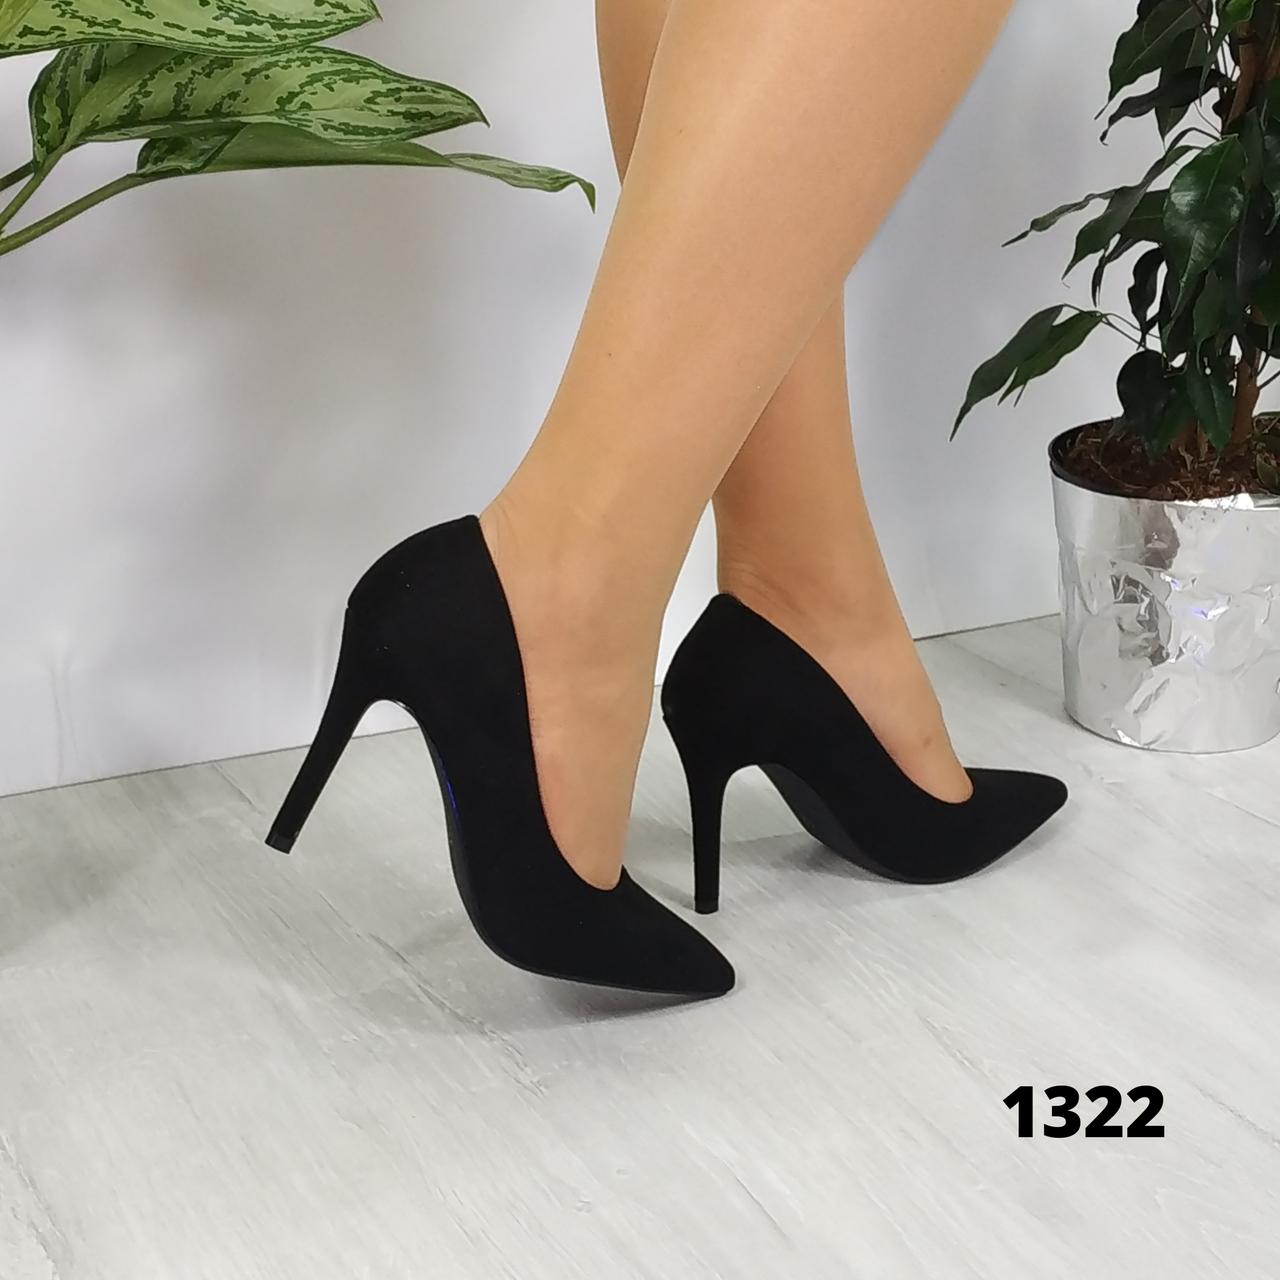 Женские замшевые туфли лодочки, реальное фото, ОВ 1322